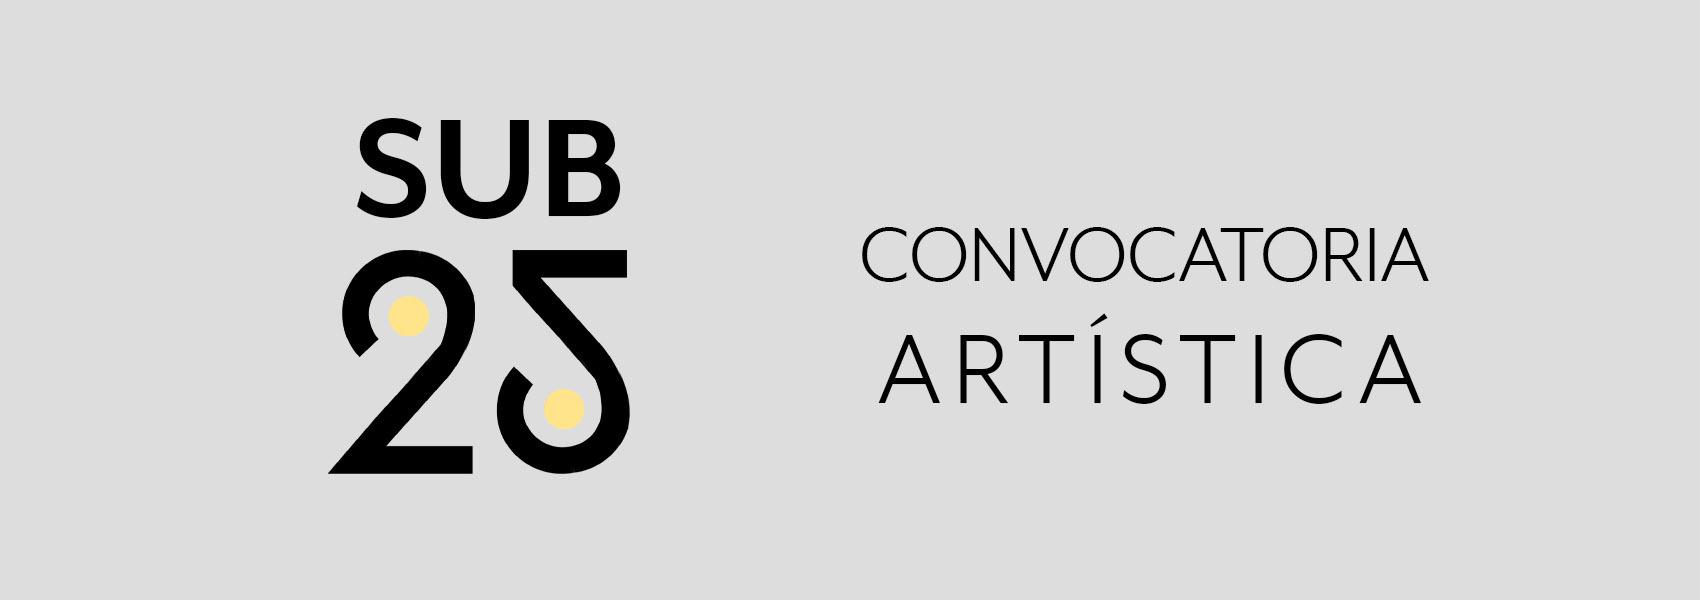 Abierta la convocatoria para artistas de hasta 25 años